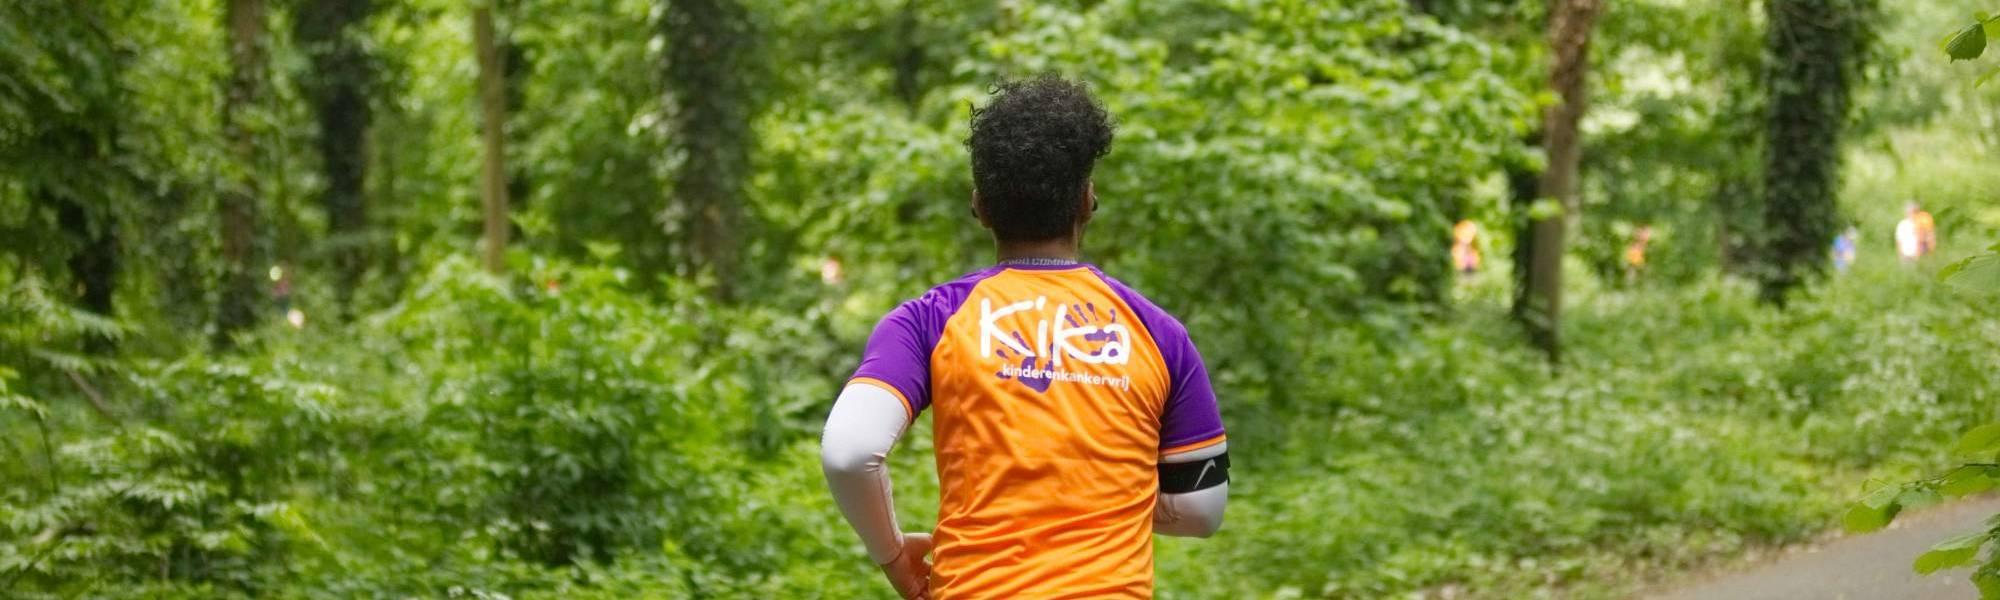 Man met Run for KiKa shirt aan, met de rug naar je toe, rent door een bos.